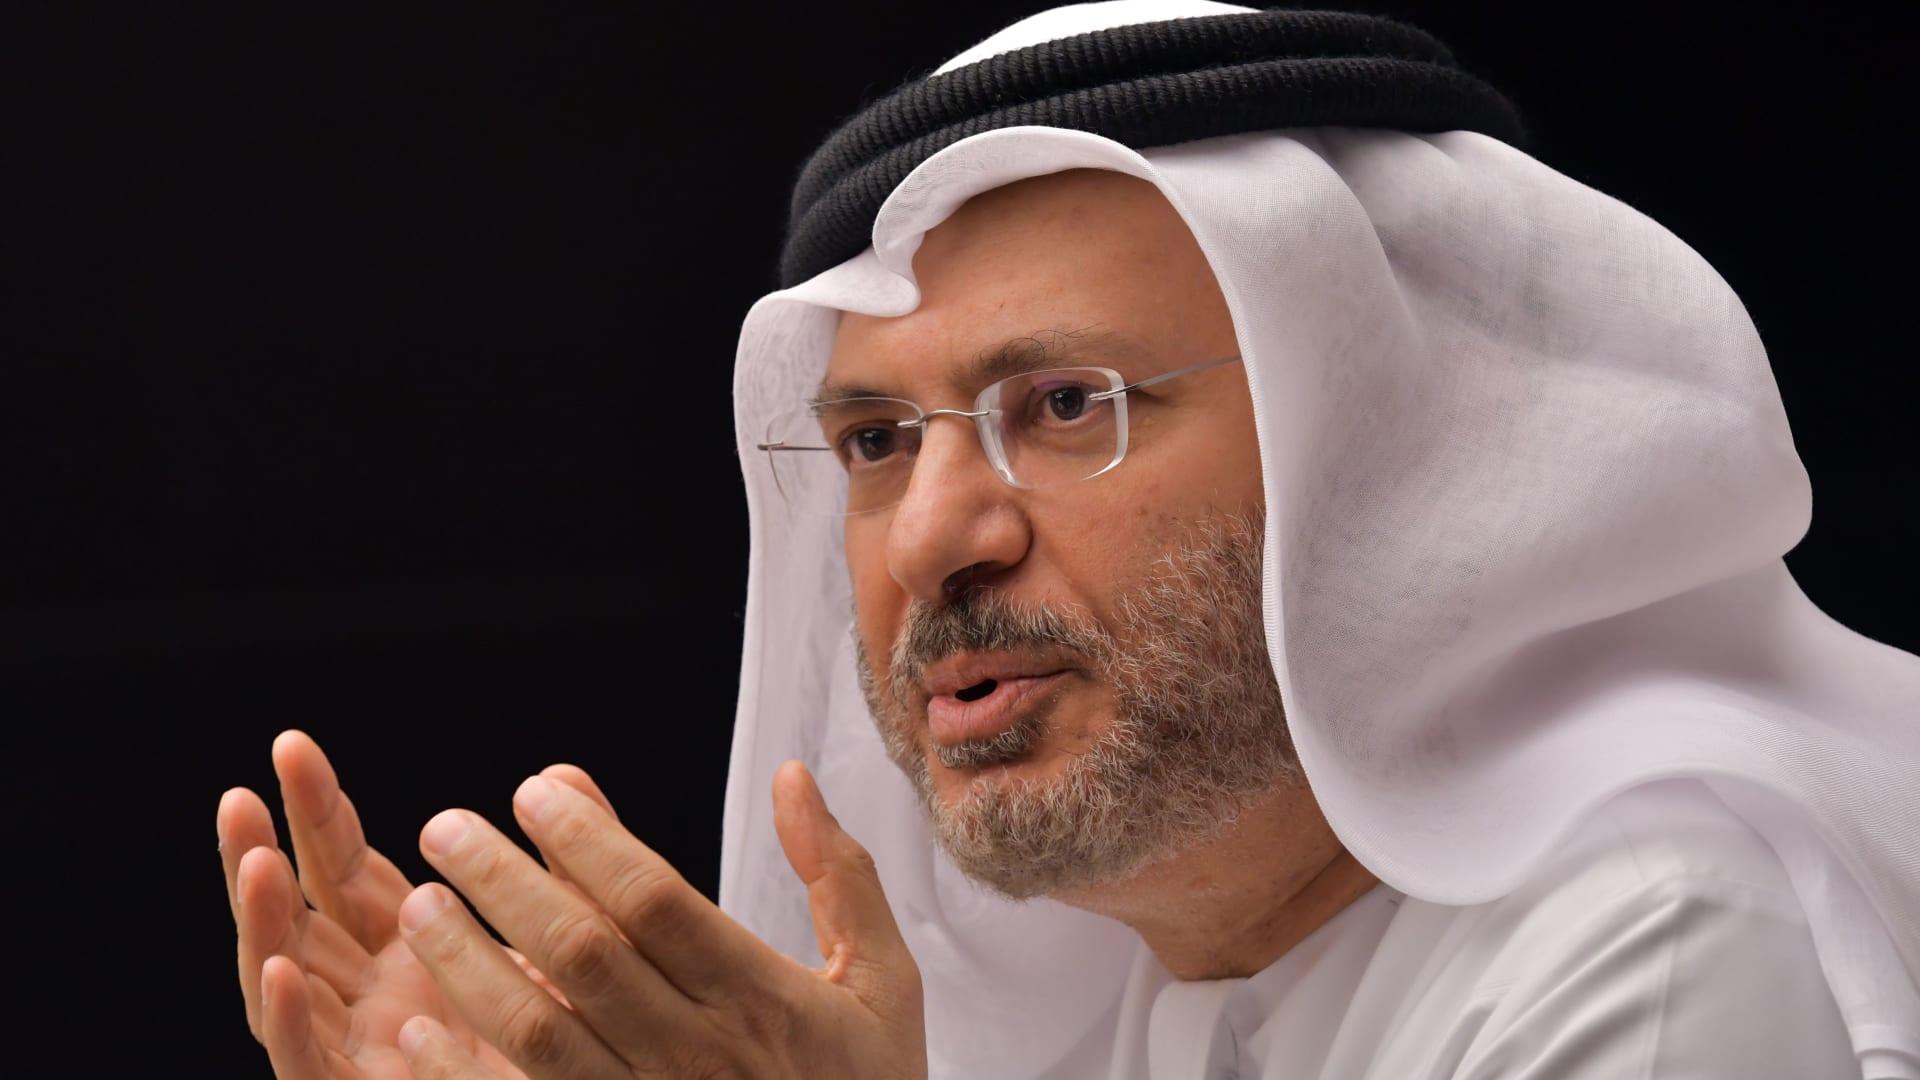 قرقاش: الحُديدة مصدر تمويل للحوثيين ونعوّل على الأمم المتحدة